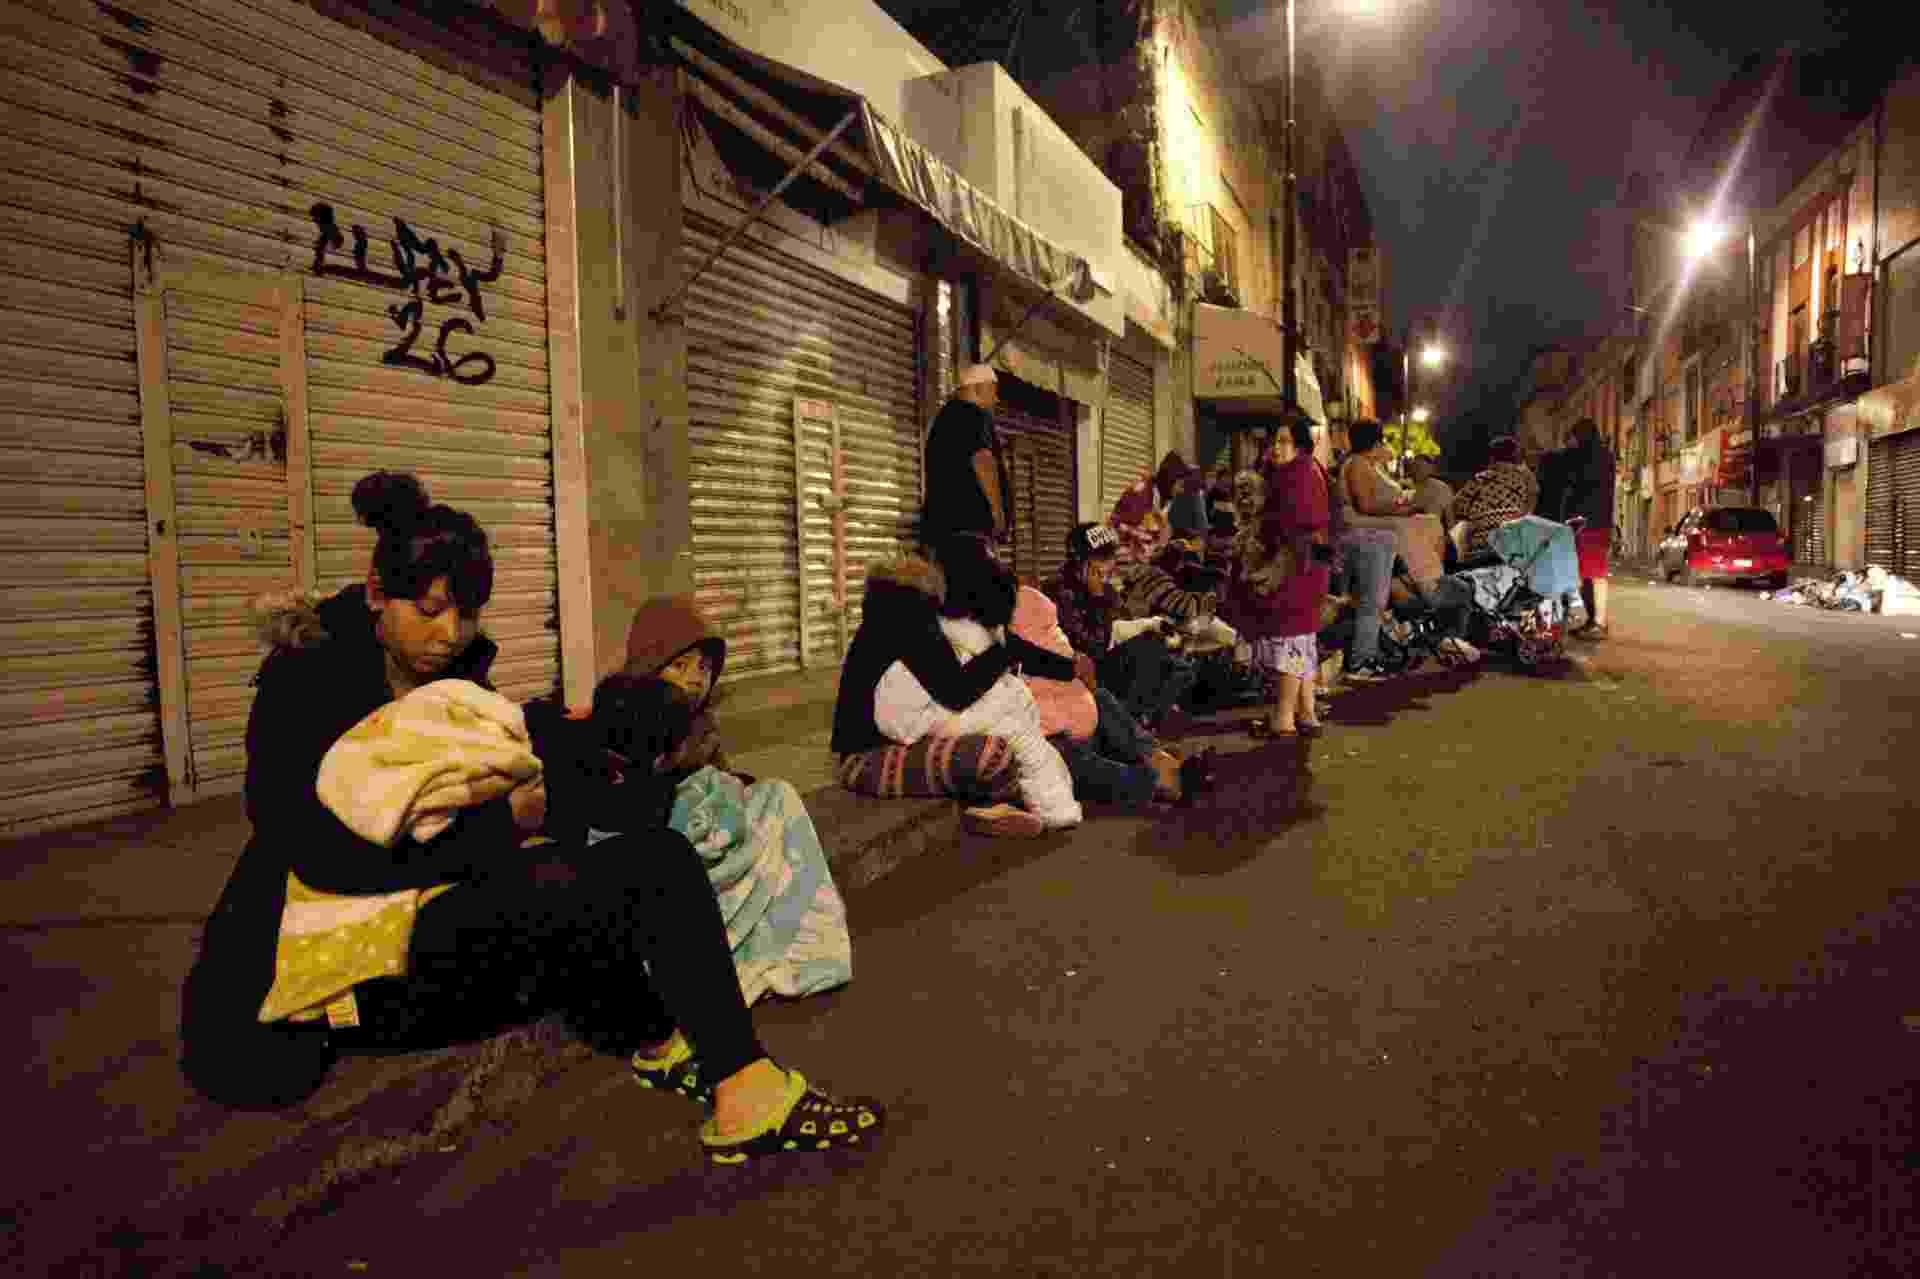 8.set.2017 - Pessoas se aglomeram em ruas durantes terremoto no centro da Cidade do México - Pedro Pardo/AFP